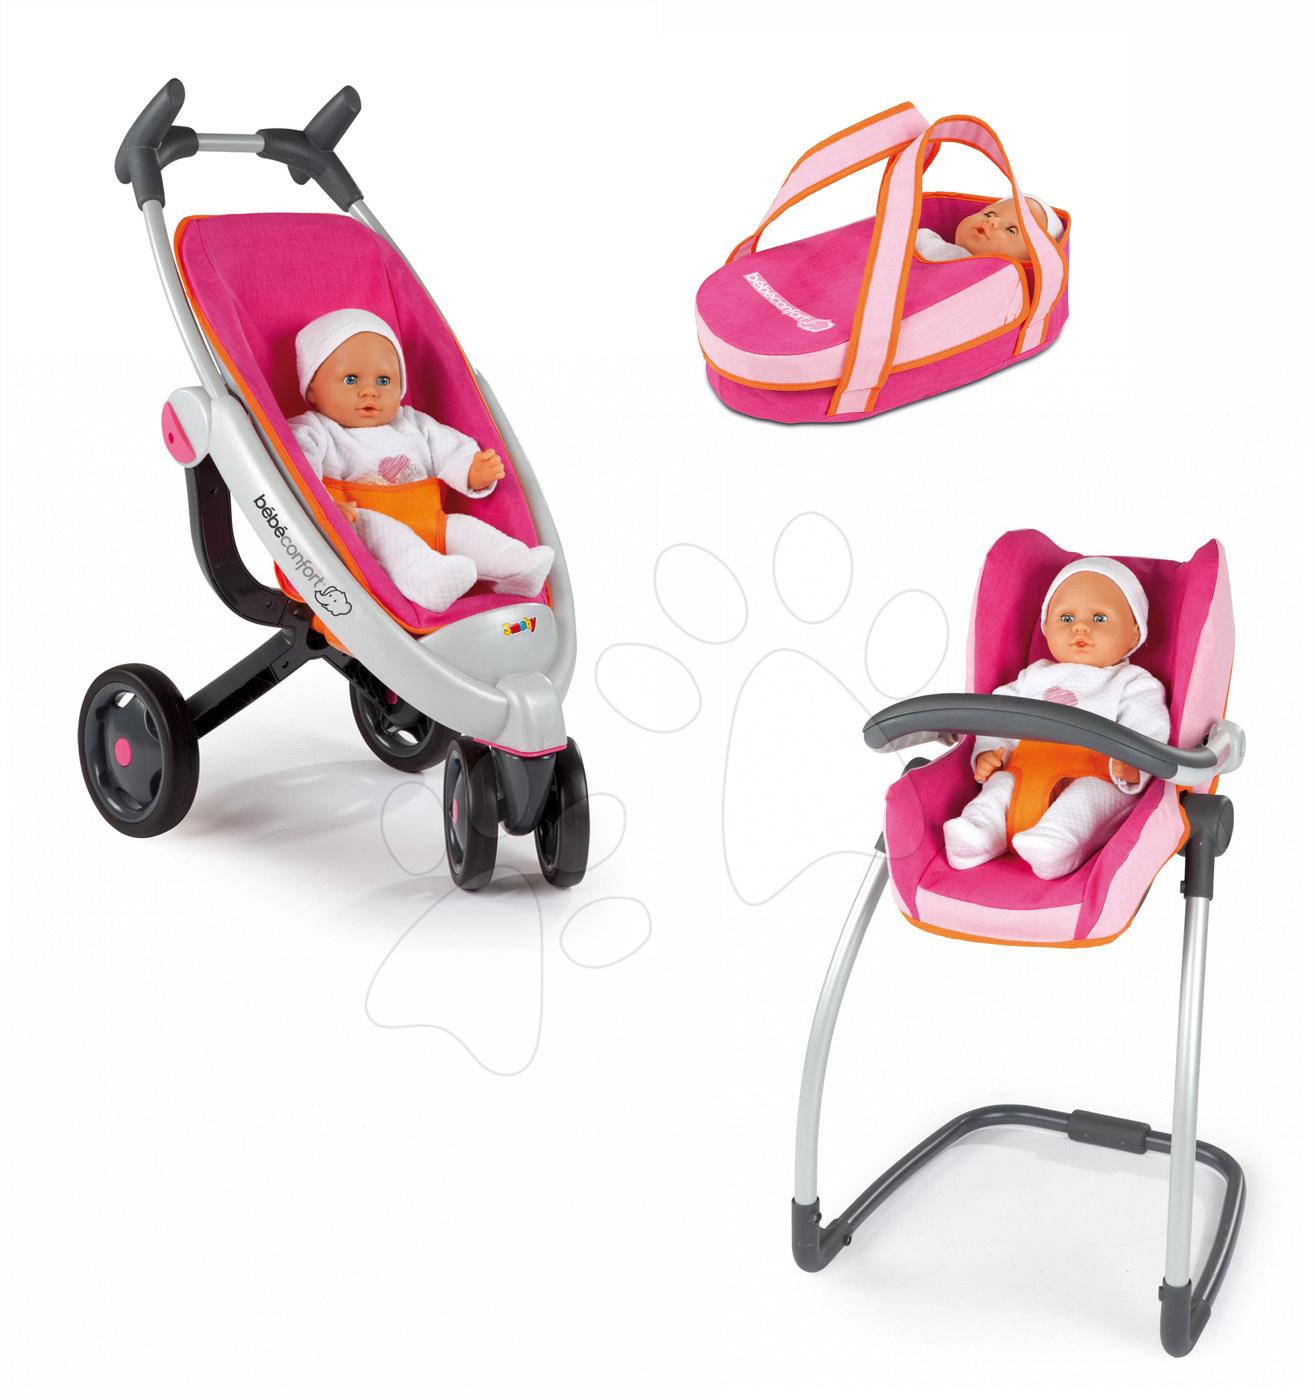 Babakocsi Maxi-Cosi & Quinny 5in1 Smoby (70 cm tolókar) rózsaszín-narancssárga